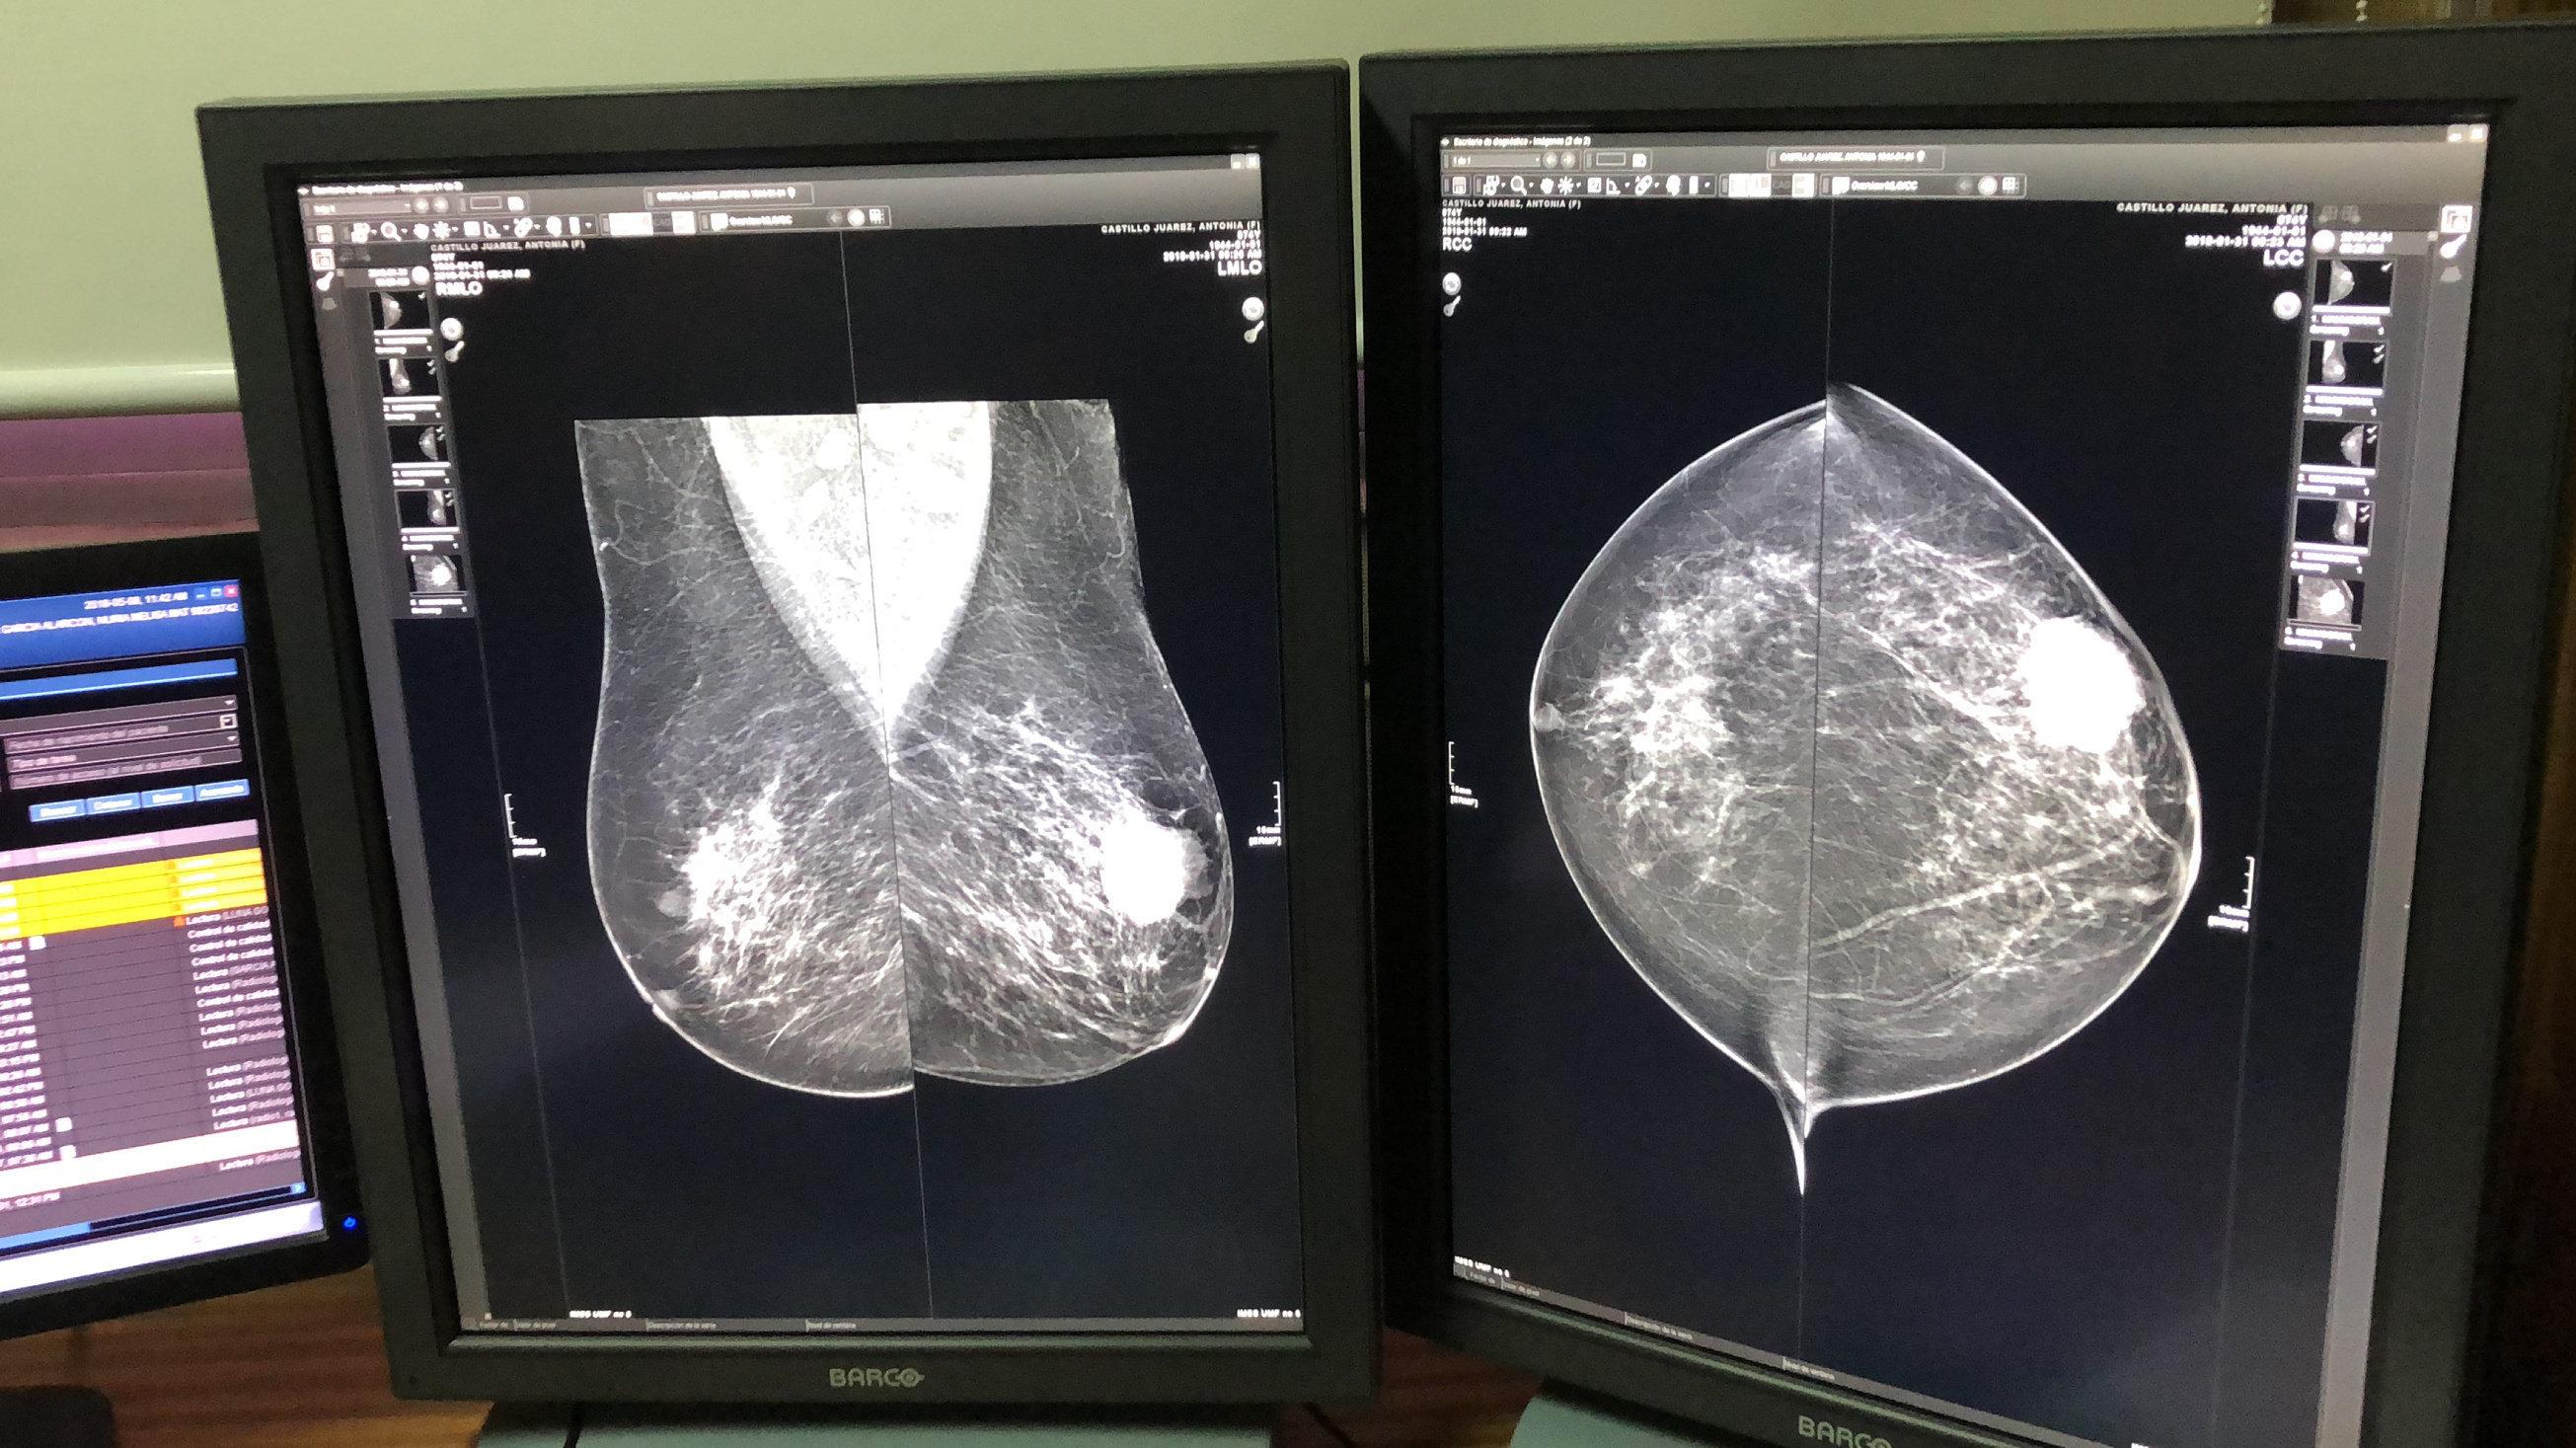 El proceso de la detección de biomarcadores tumorales de cáncer de mama